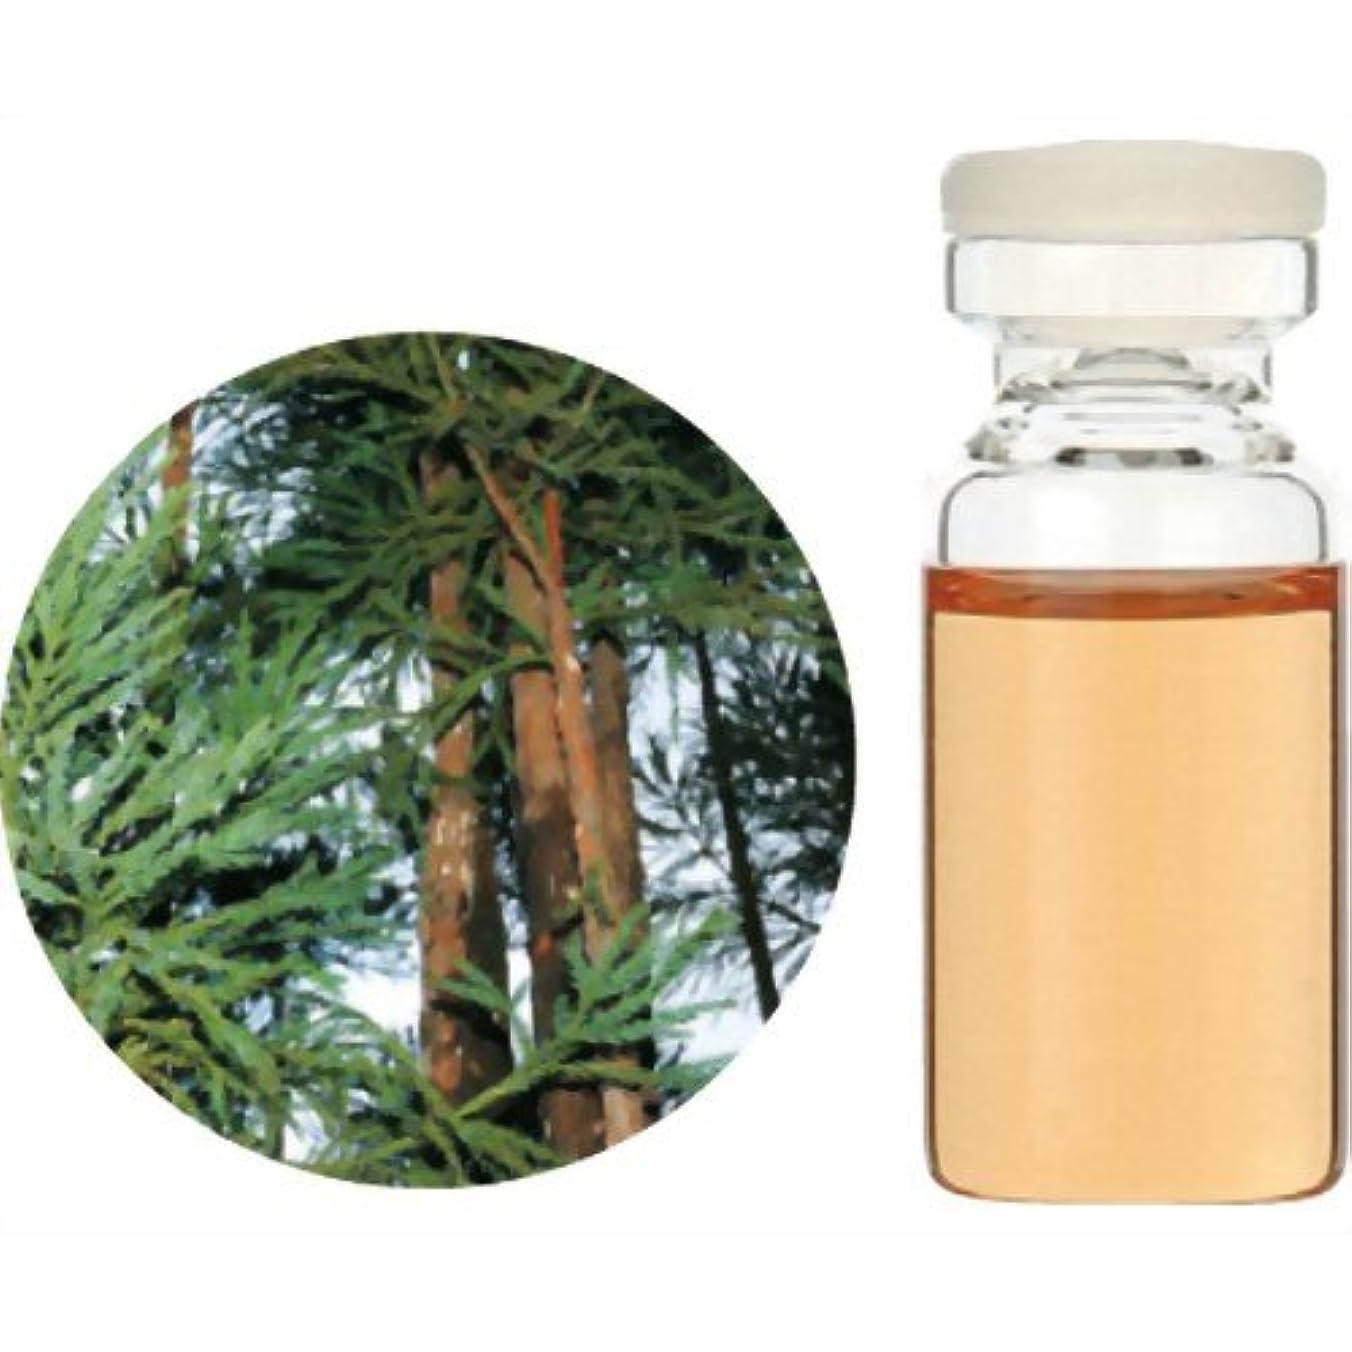 冷ややかな表現カタログ生活の木 Herbal Life 和精油 杉 木部 3ml